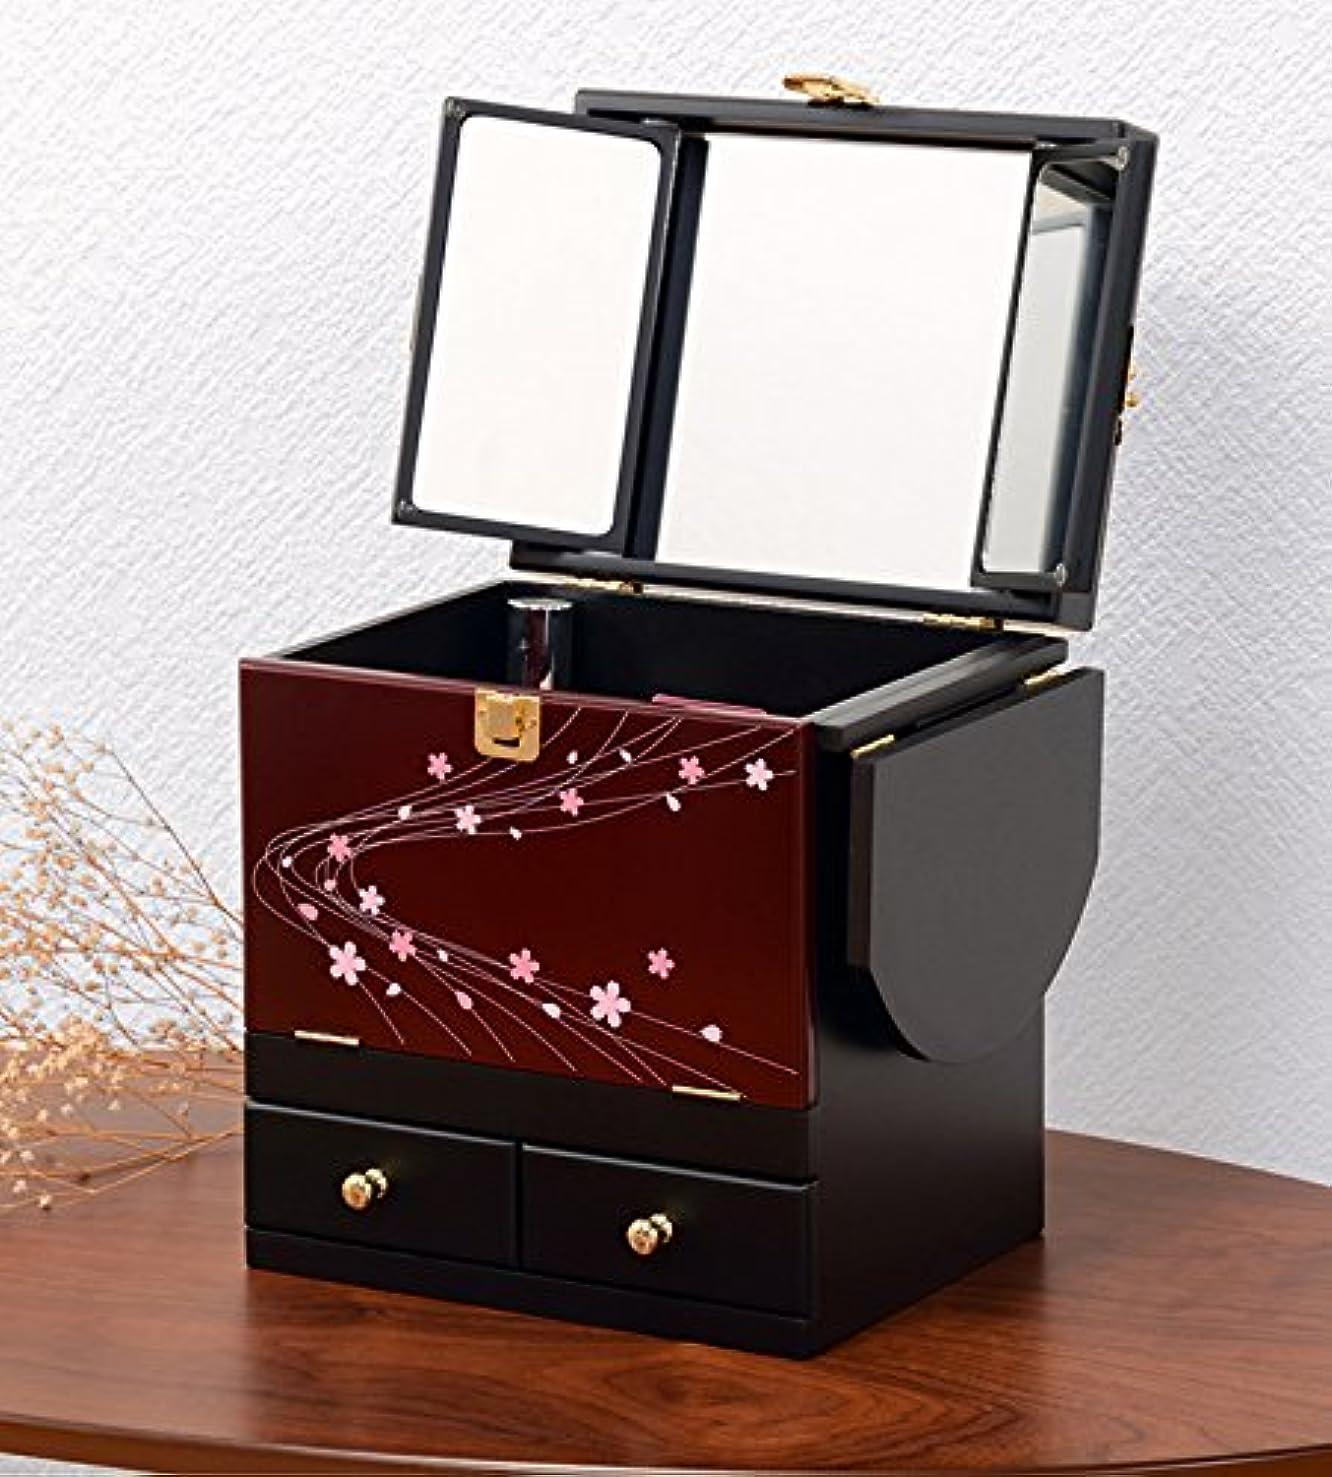 器具気怠いキッチンコスメボックス 化粧ボックス ジュエリーボックス コスメ収納 収納ボックス 化粧台 3面鏡 和風 完成品 折りたたみ式 軽量 えんじ